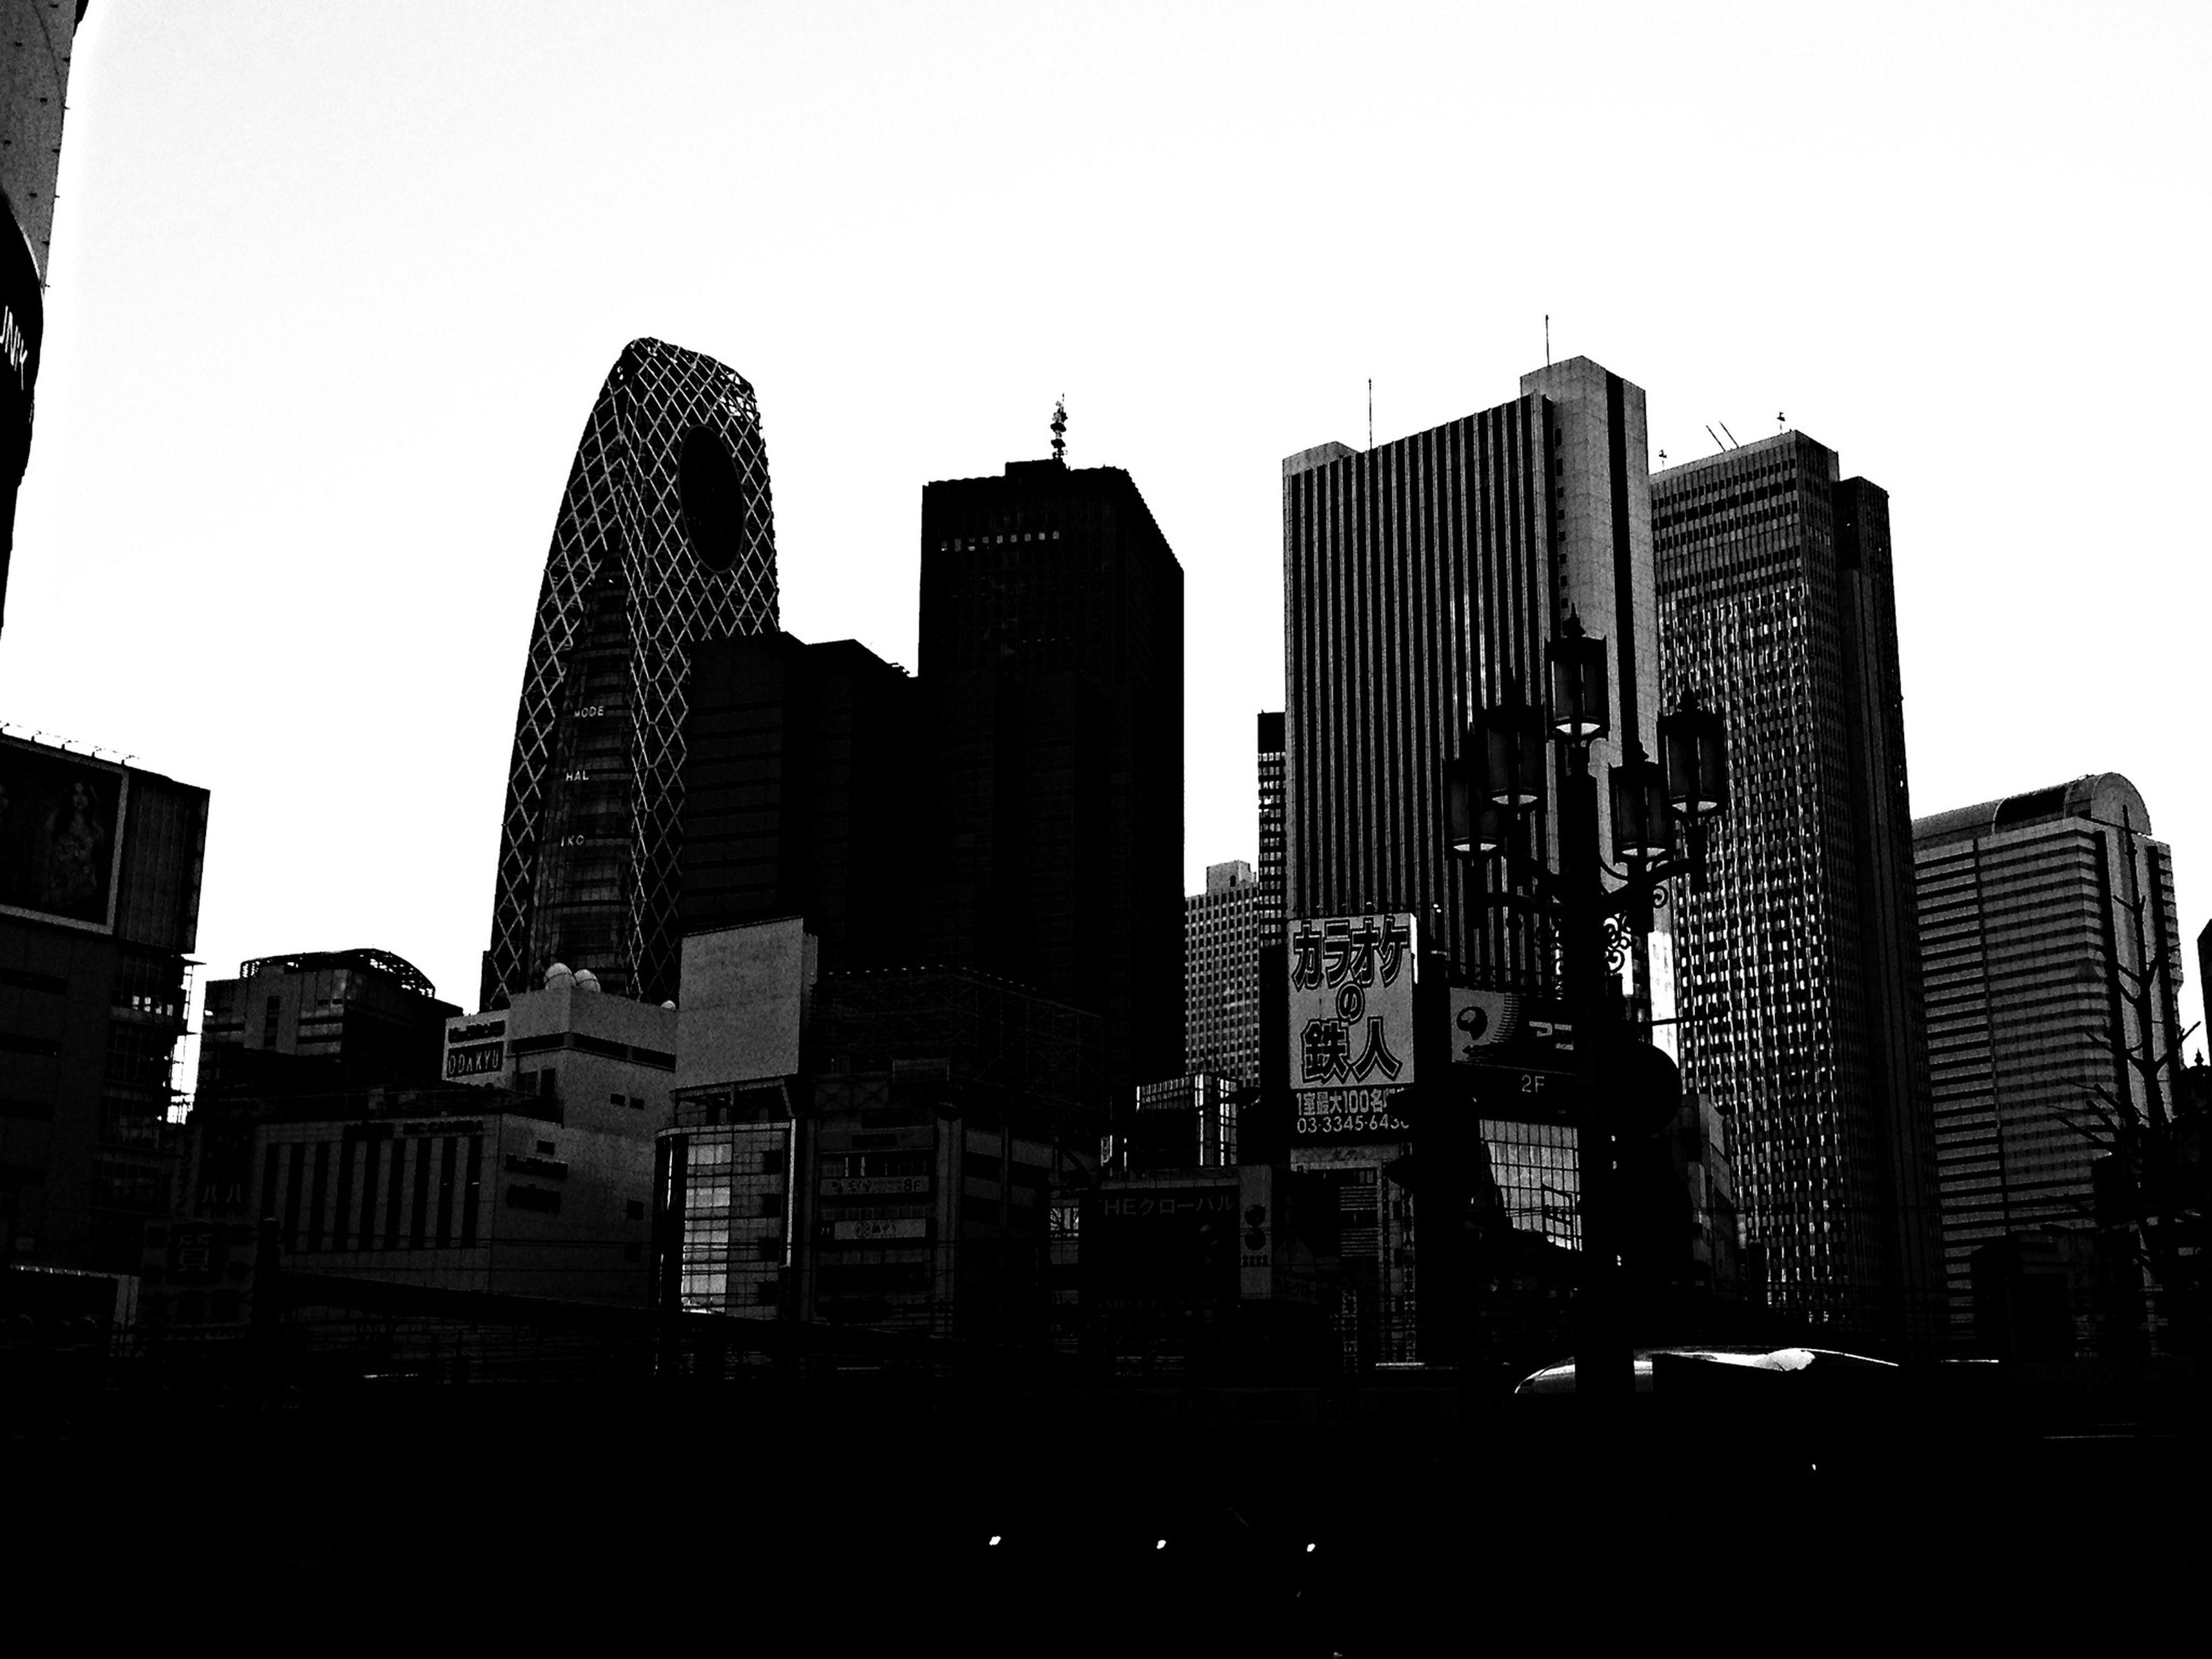 Sky of Tokyo Shinjuku